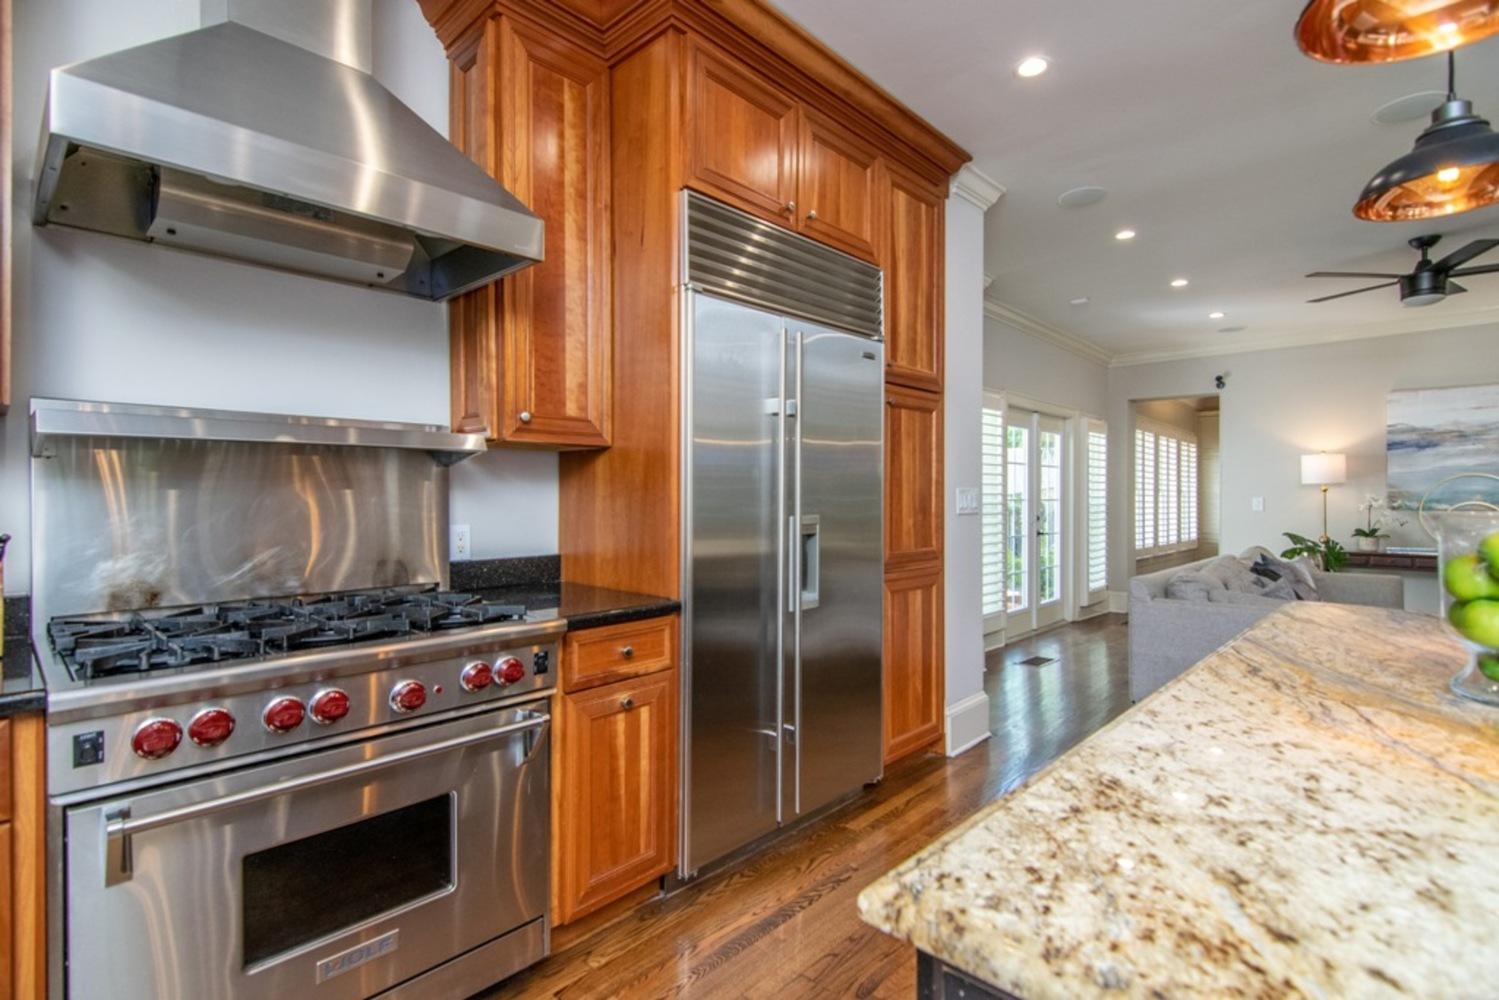 22 kitchen